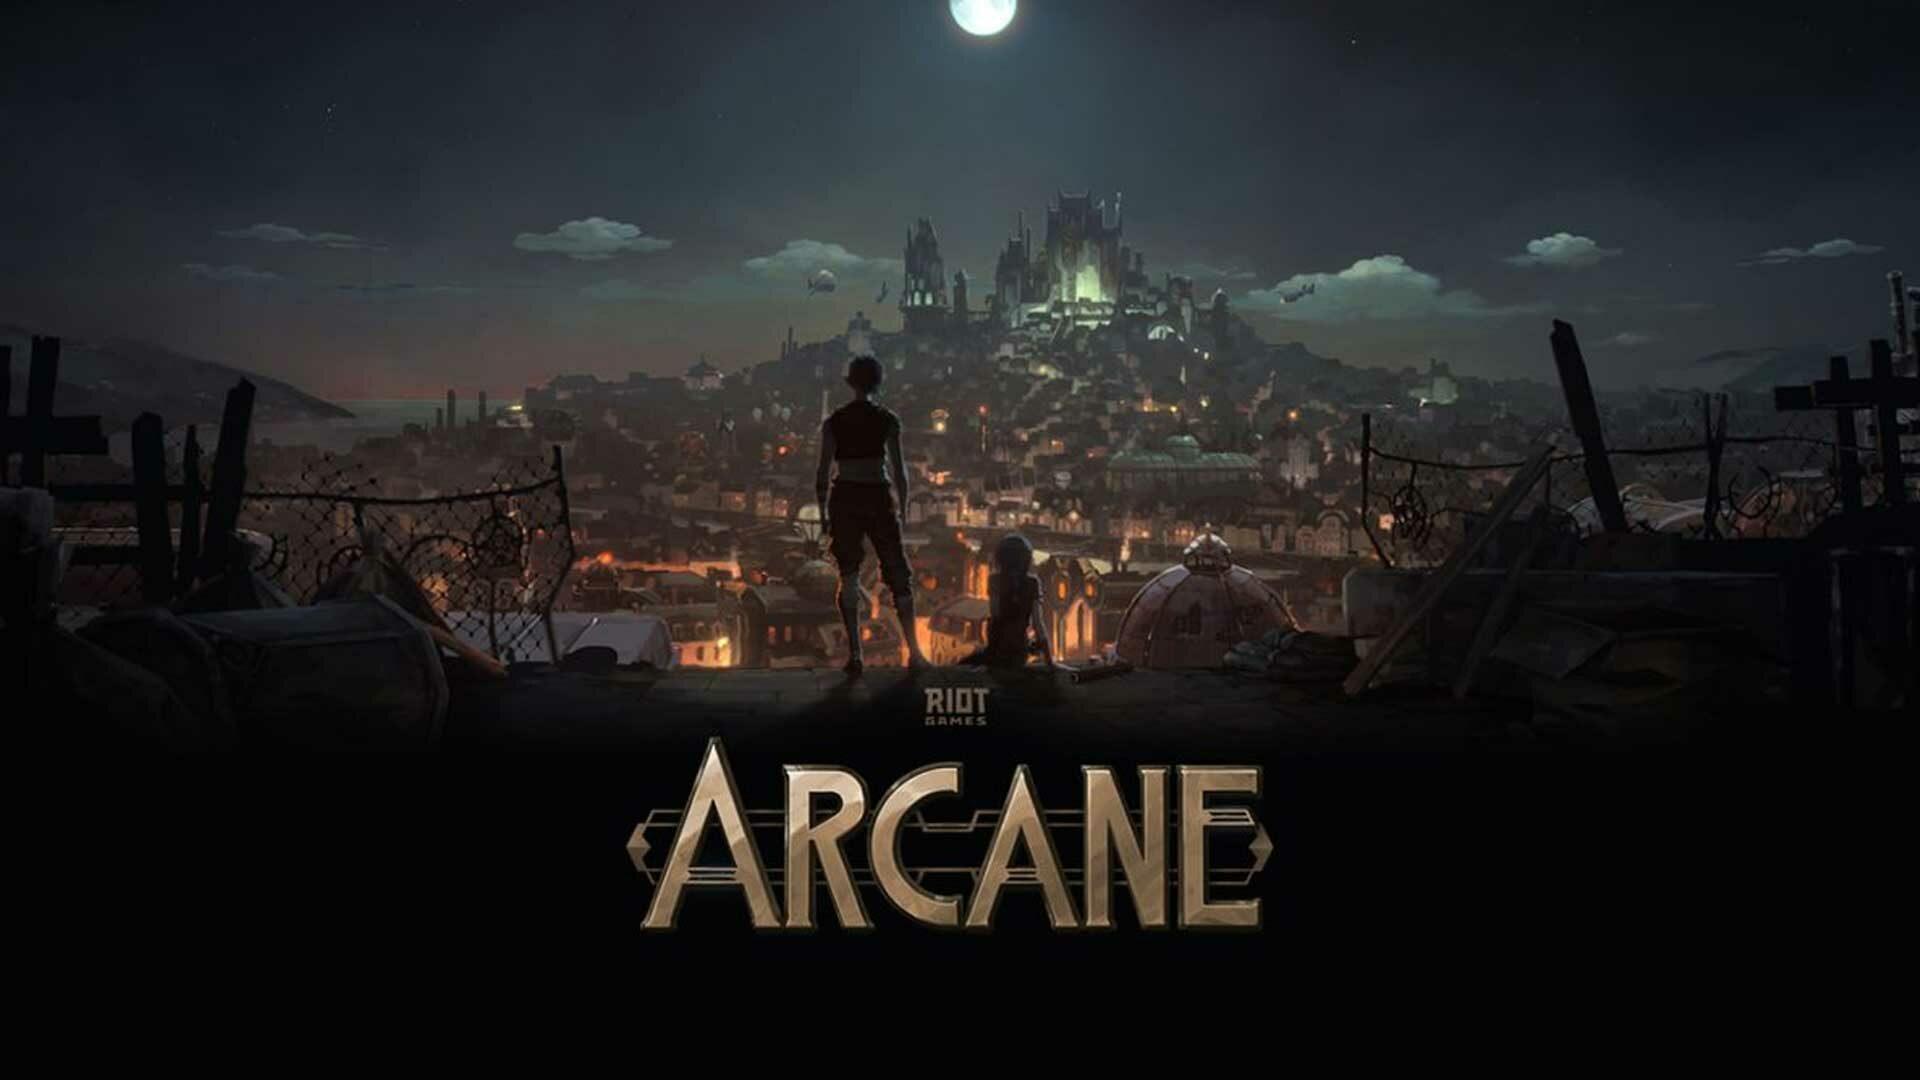 Sortie du trailer de la série Arcane dans l'univers League of Legends